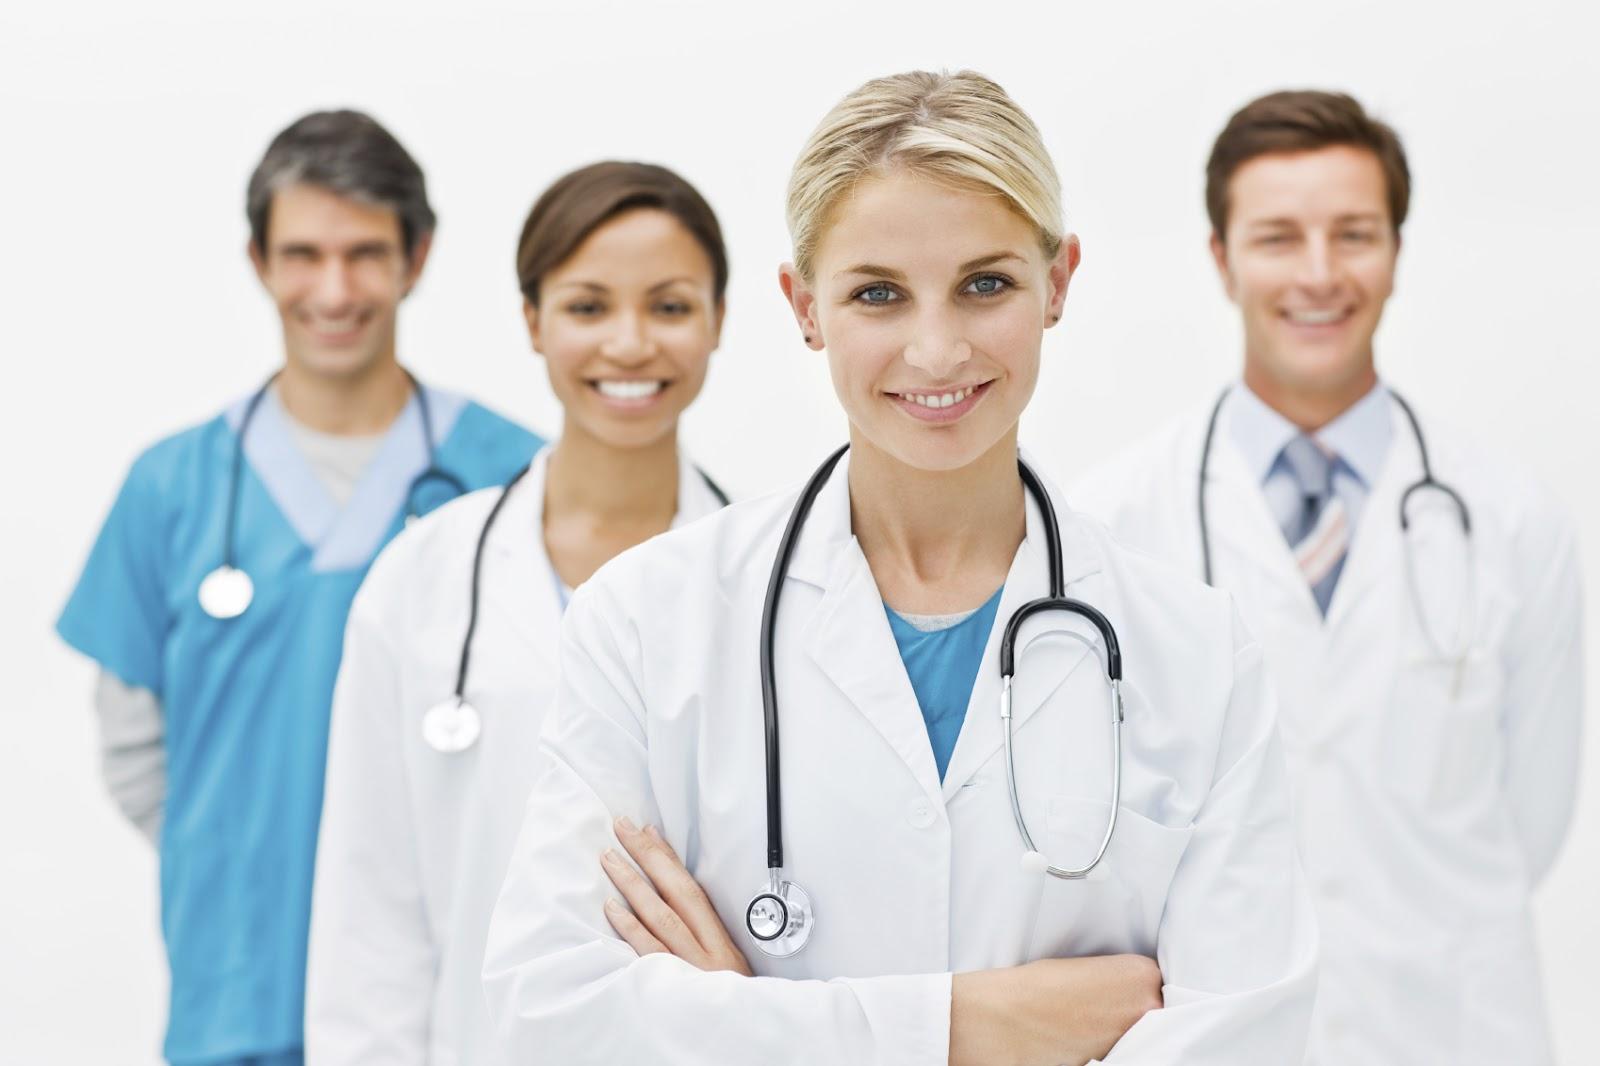 Семейный врач: как выбрать его и составить договор, оплата услуг и многое другое. Все, что вам нужно знать о новациях в украинской медицине